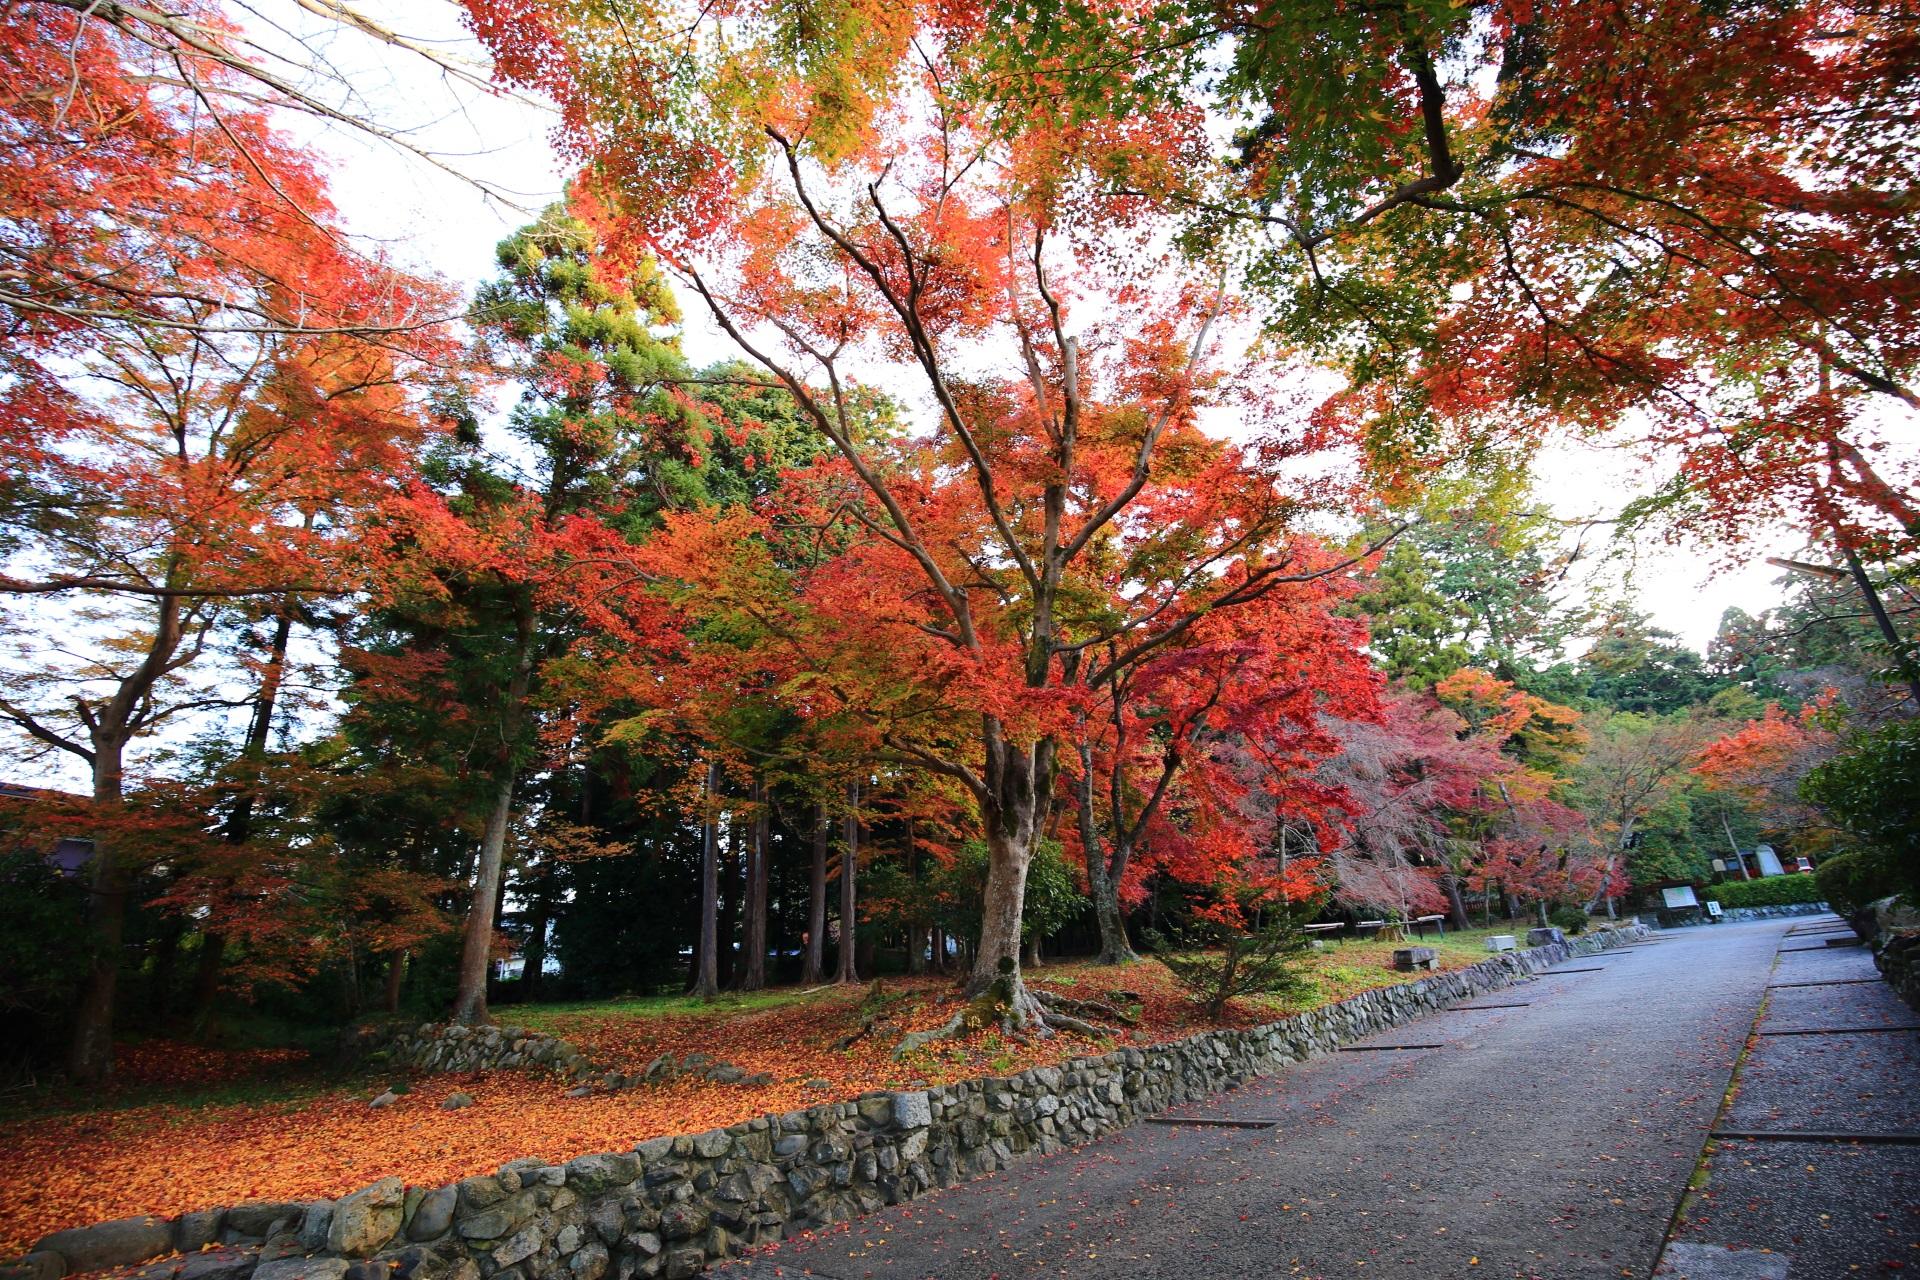 鷺森神社(さぎのもりじんじゃ)の紅葉が華やぐ長い参道